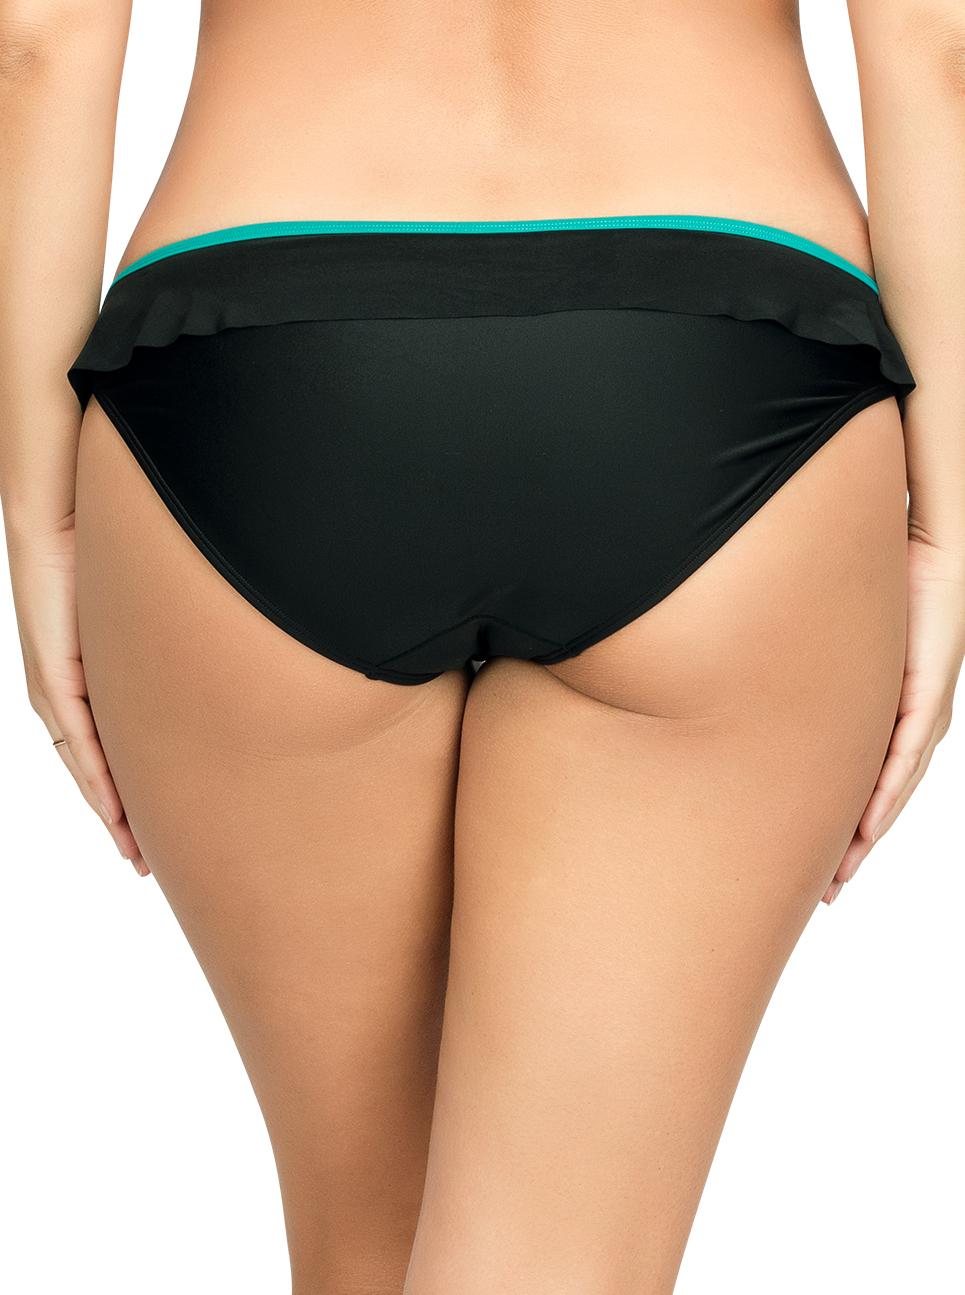 PARFAIT Farah BikiniBottomS8093 BlackEmerald Back - Farah Bikini Bottom Black w Emerald S8093